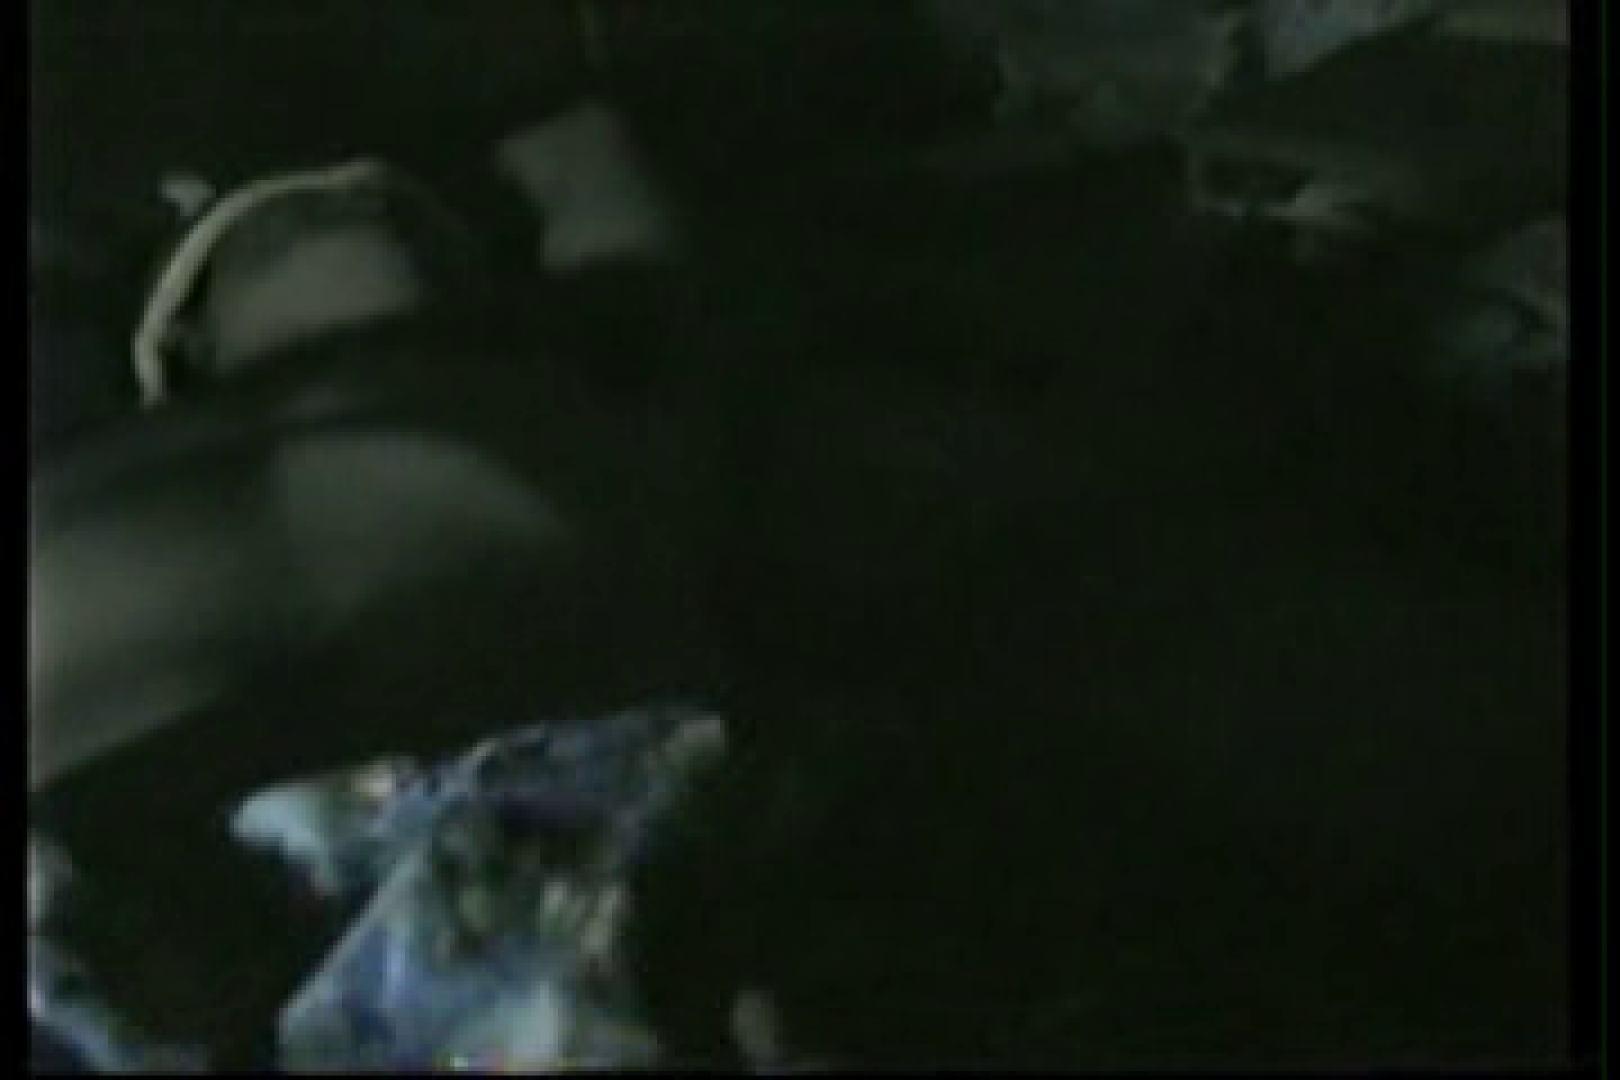 【実録個人撮影】男の子達の禁断の愛欲性活!!vol.02(対女性アナル責め) 個人撮影 ゲイエロ画像 105枚 75